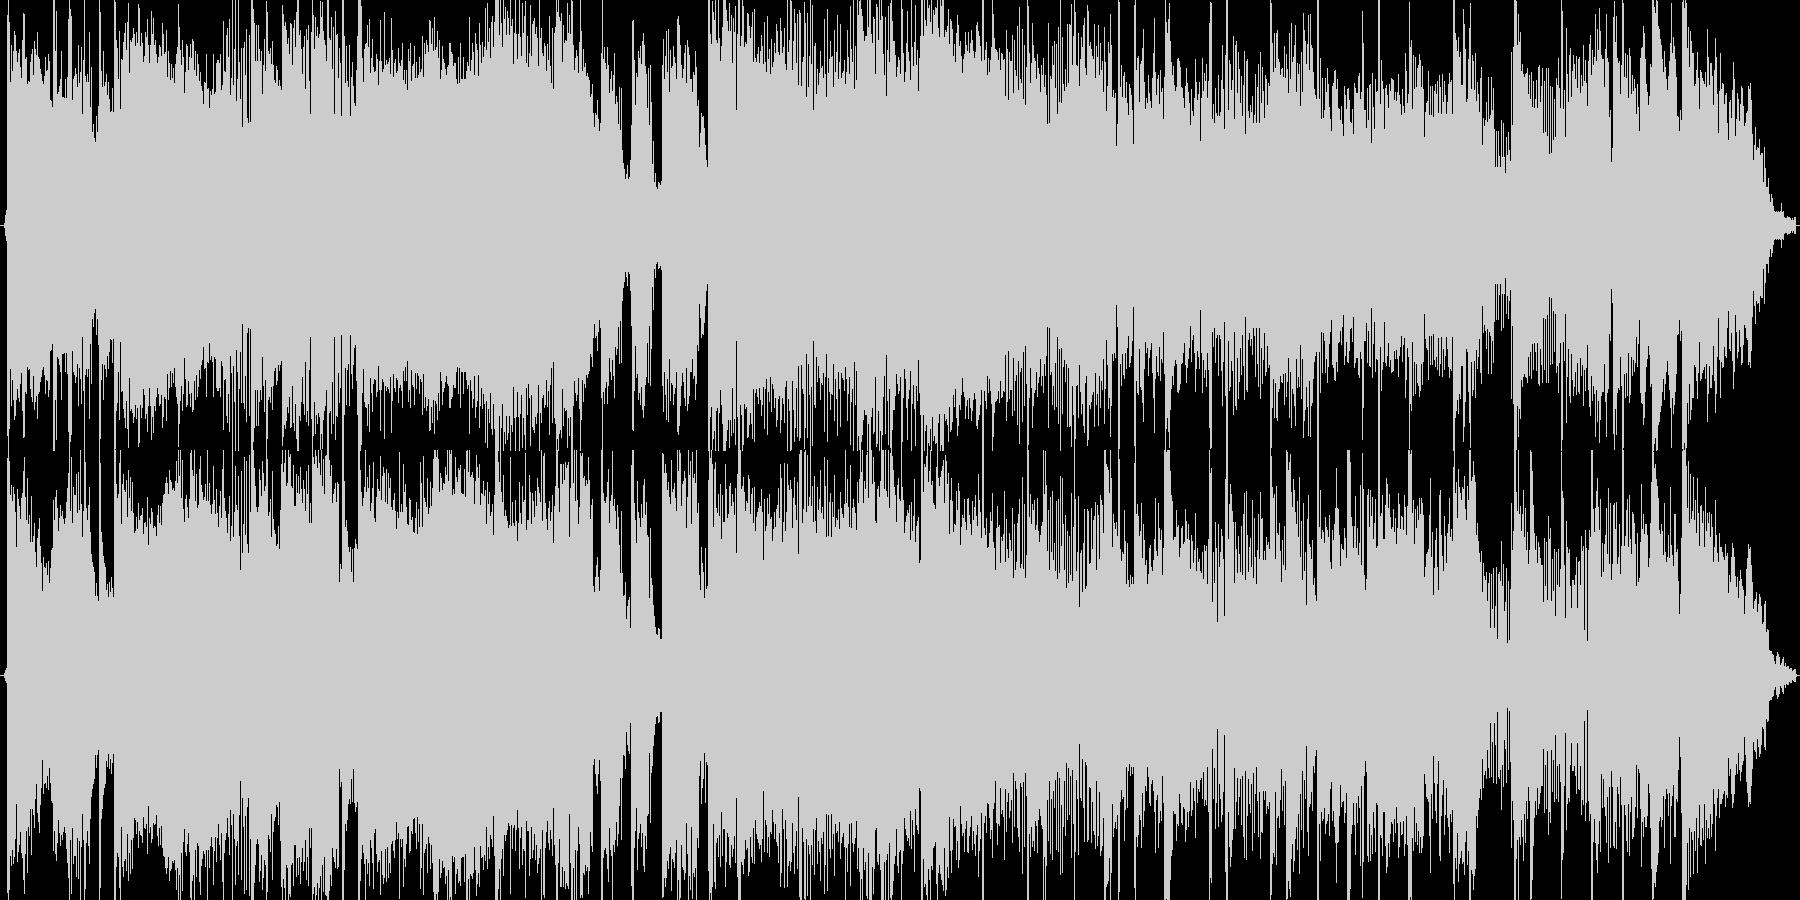 Funkyな登場系ジングルです。の未再生の波形